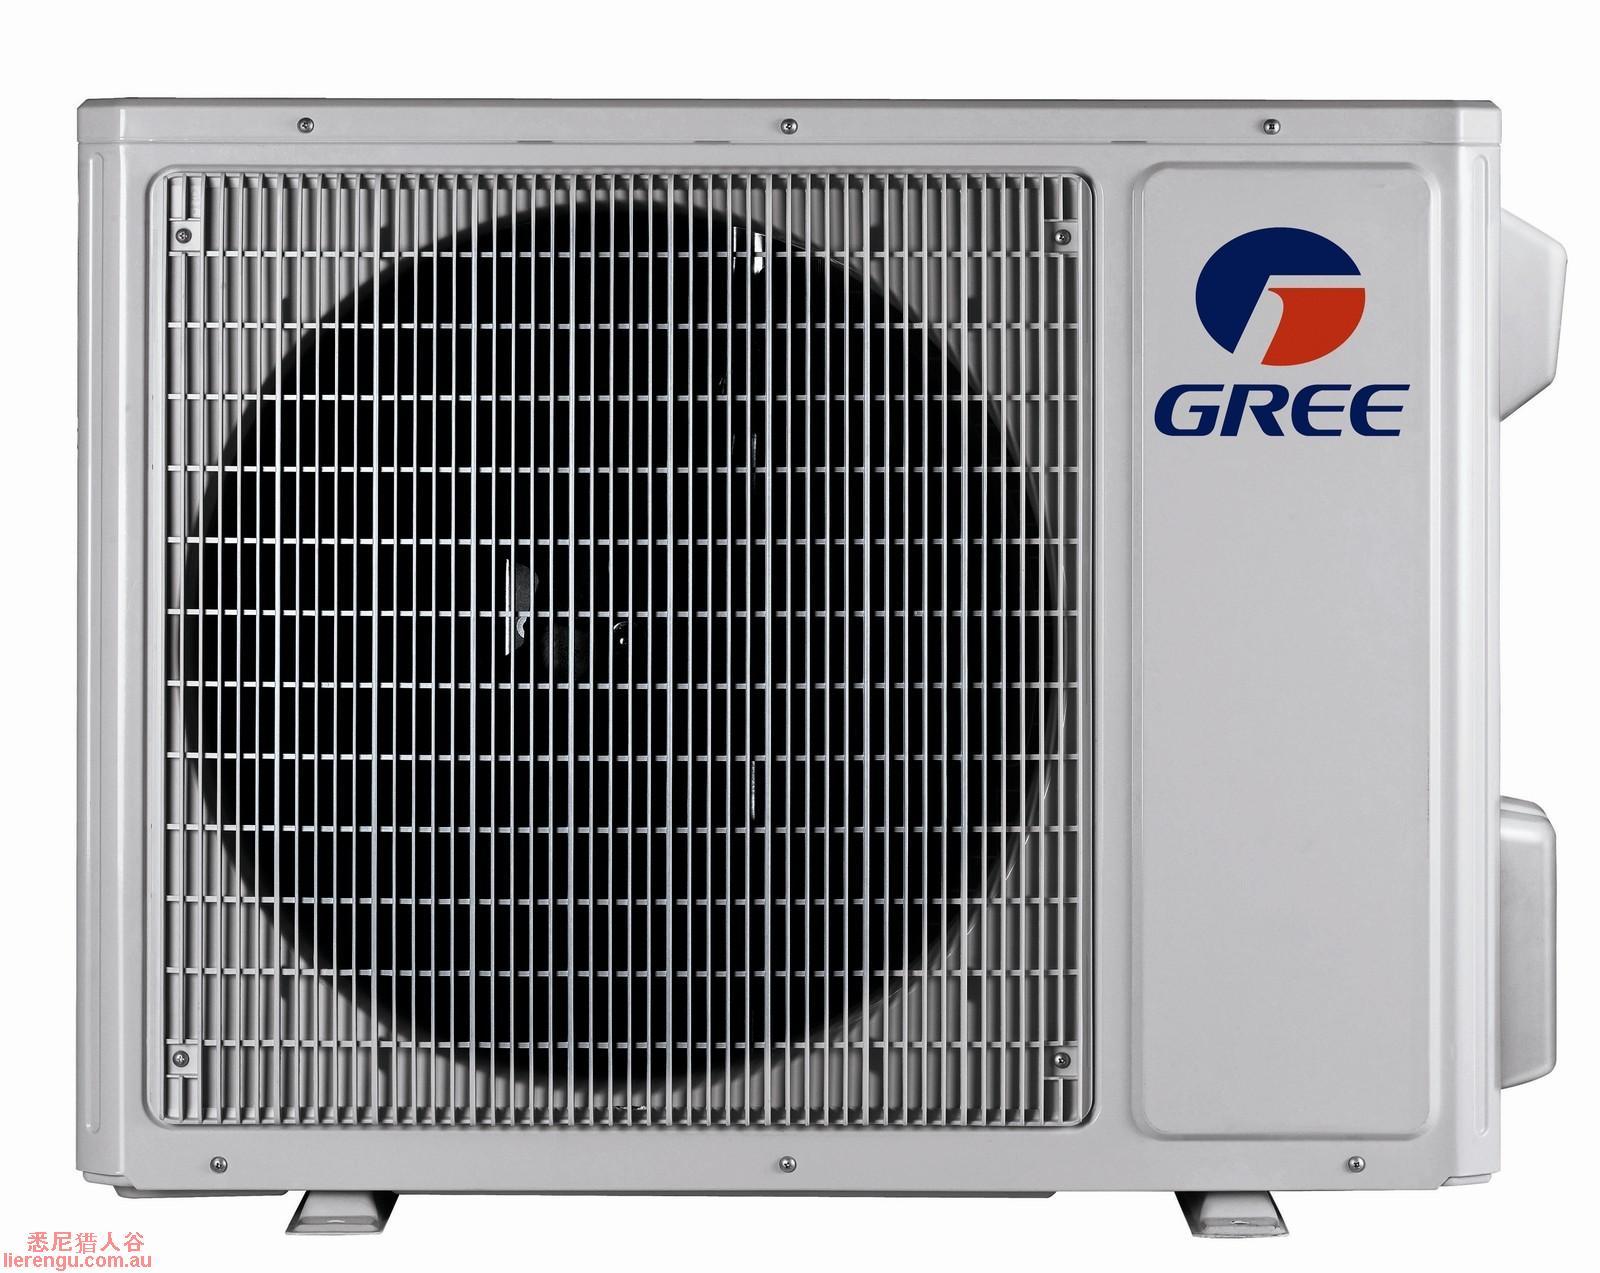 2013 年格力空调冬季清仓 特价买机送安装 GREE AIR CONDITIONER 澳大利亚格力冷气公司近日推出买空调送安装促销活动, 促销期从2013年5月1日至2013年8月31日 独家代理最新格力COZY变频系列 超省电冷暖遥控 2011年至今,独家承诺 五年保修 上门服务 具体价格如下: 1.0匹$800.00, 1.